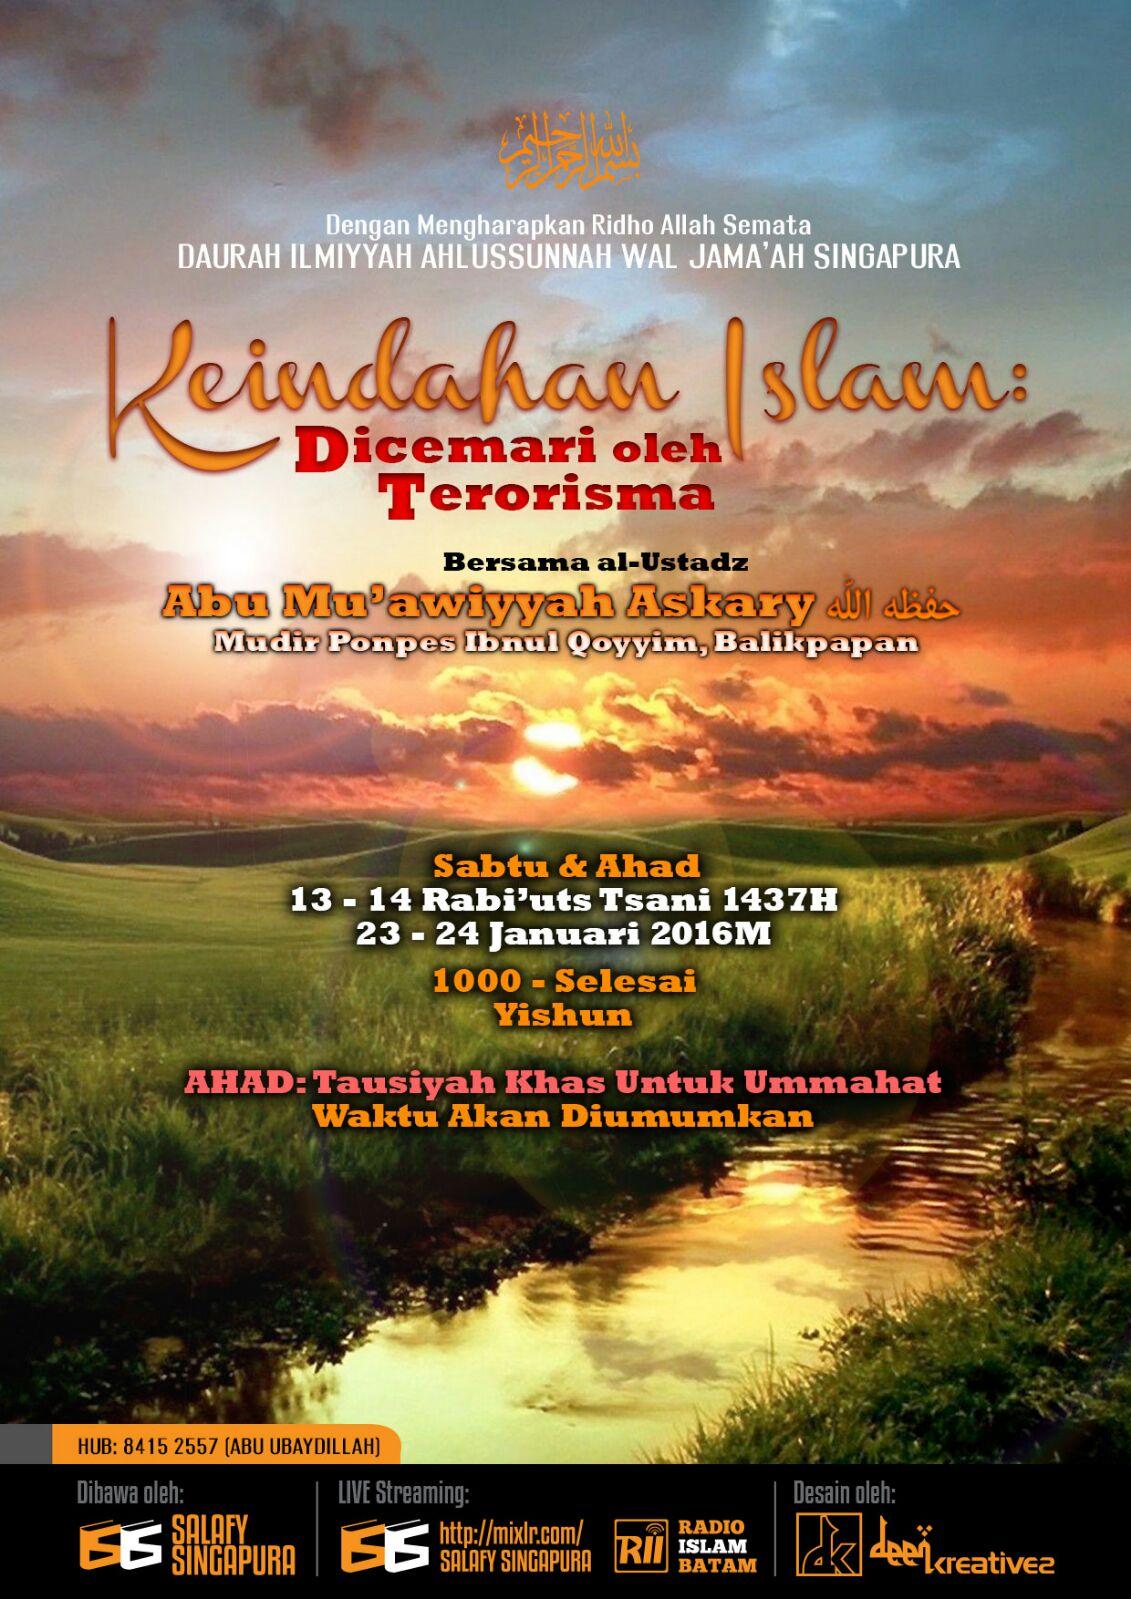 """Pamflet Daurah ILmiyyah di Singapura """" KEINDAHAN ISLAM DICEMARI OLEH TERORISMA """" 23/01/2016"""